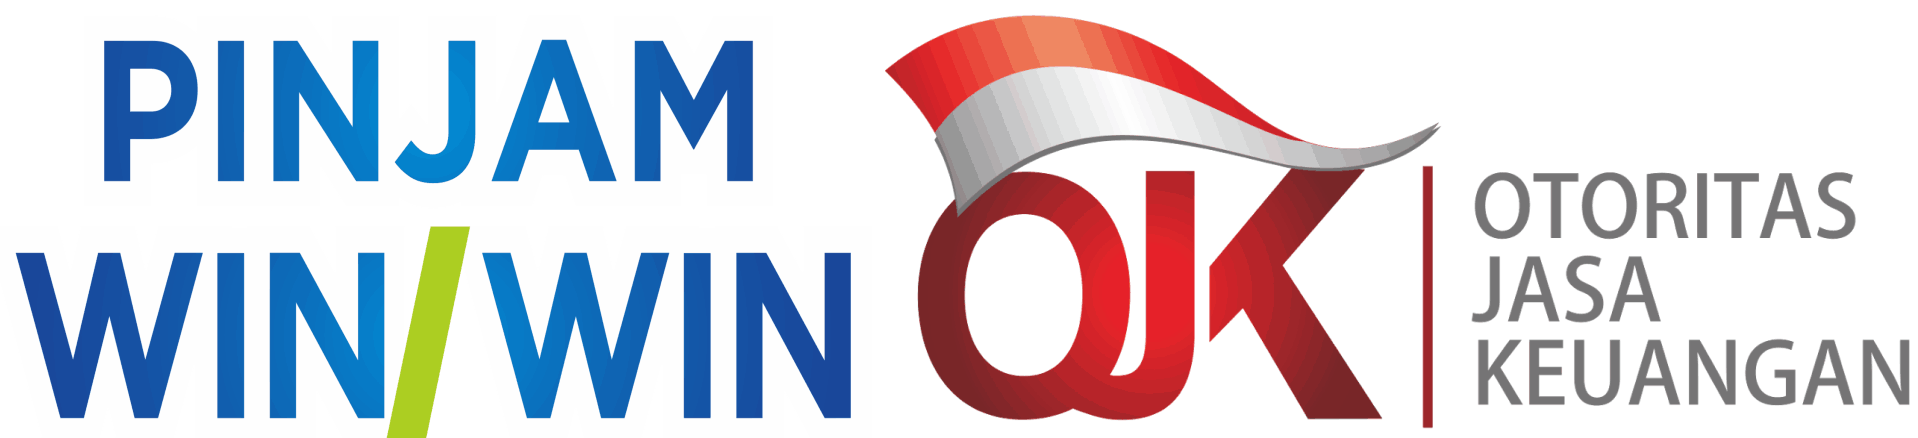 Logo Pinjamwinwin